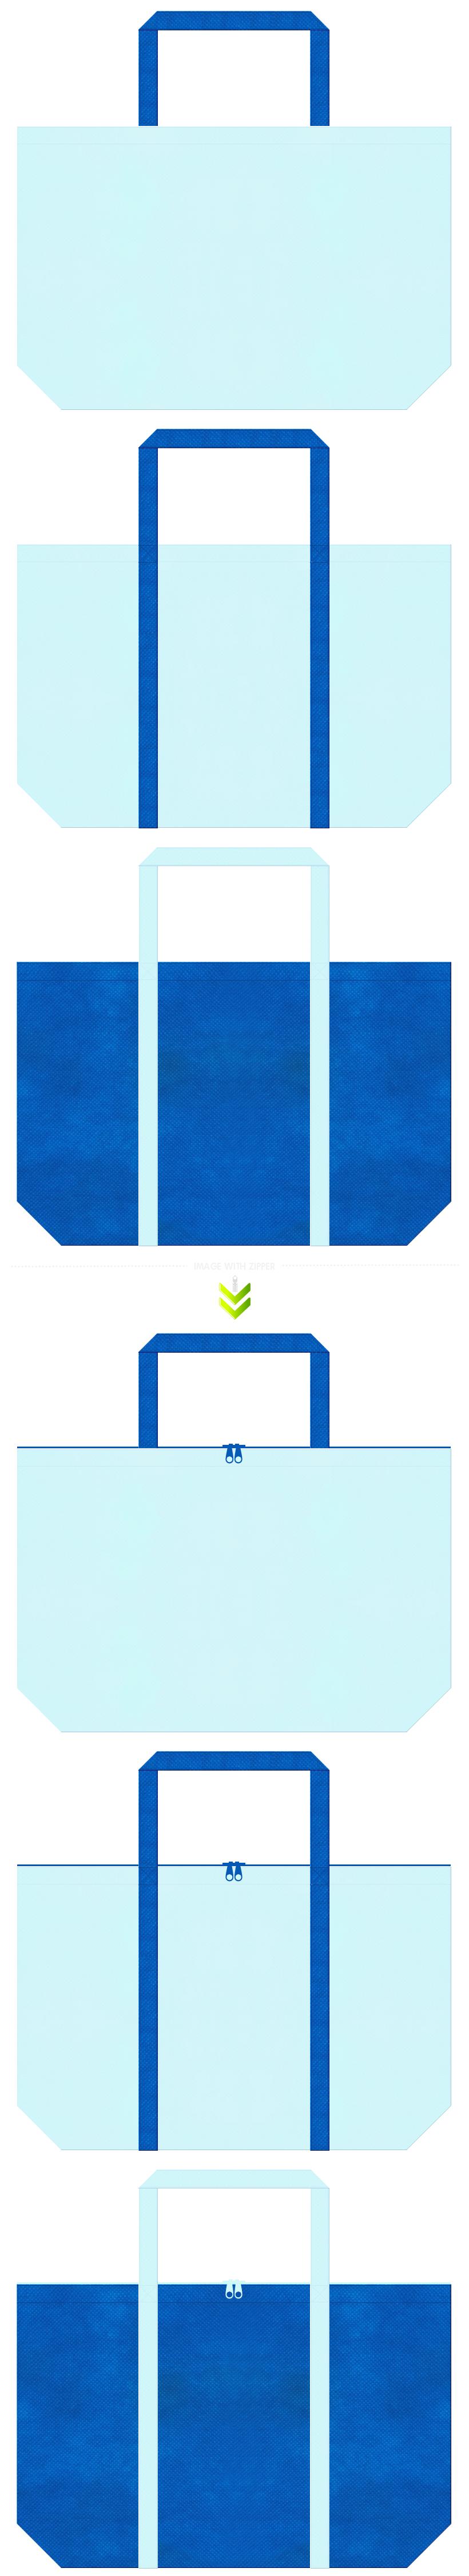 不織布トートバッグ 舟底タイプ 不織布カラーNo.30水色とNo.22スカイブルーの組み合わせ